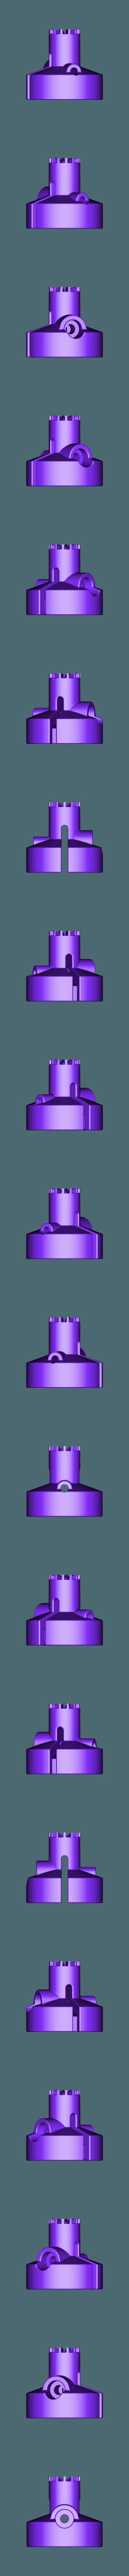 ps4_gimbal_extender.stl Télécharger fichier STL gratuit Extensions de la cardan des contrôleurs de jeu PS4 • Design à imprimer en 3D, sprintFPV